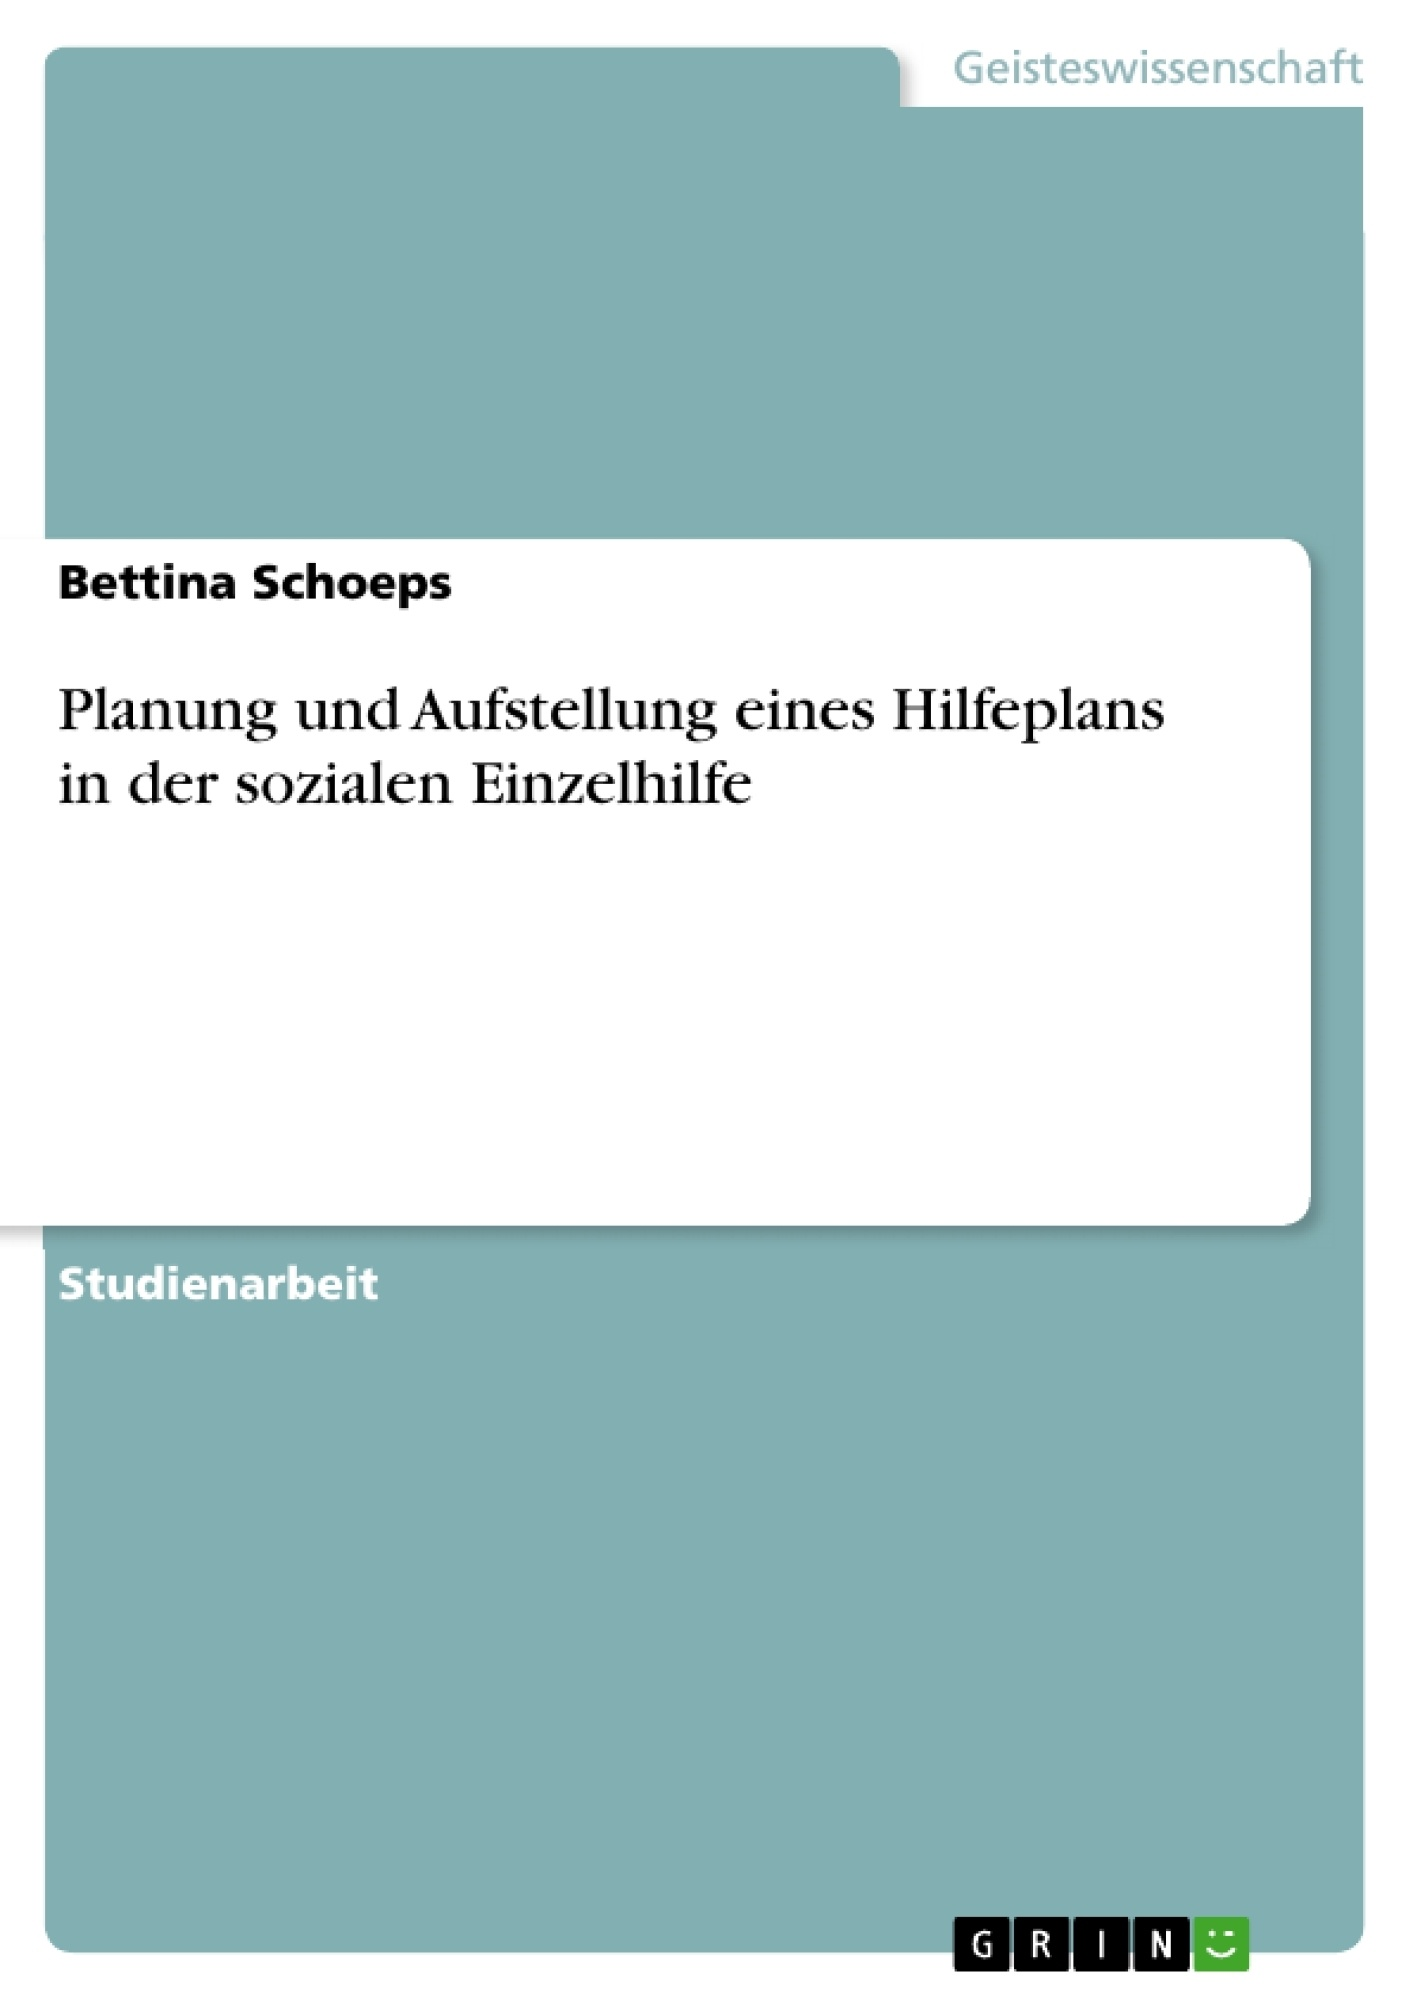 Titel: Planung und Aufstellung eines Hilfeplans in der sozialen Einzelhilfe